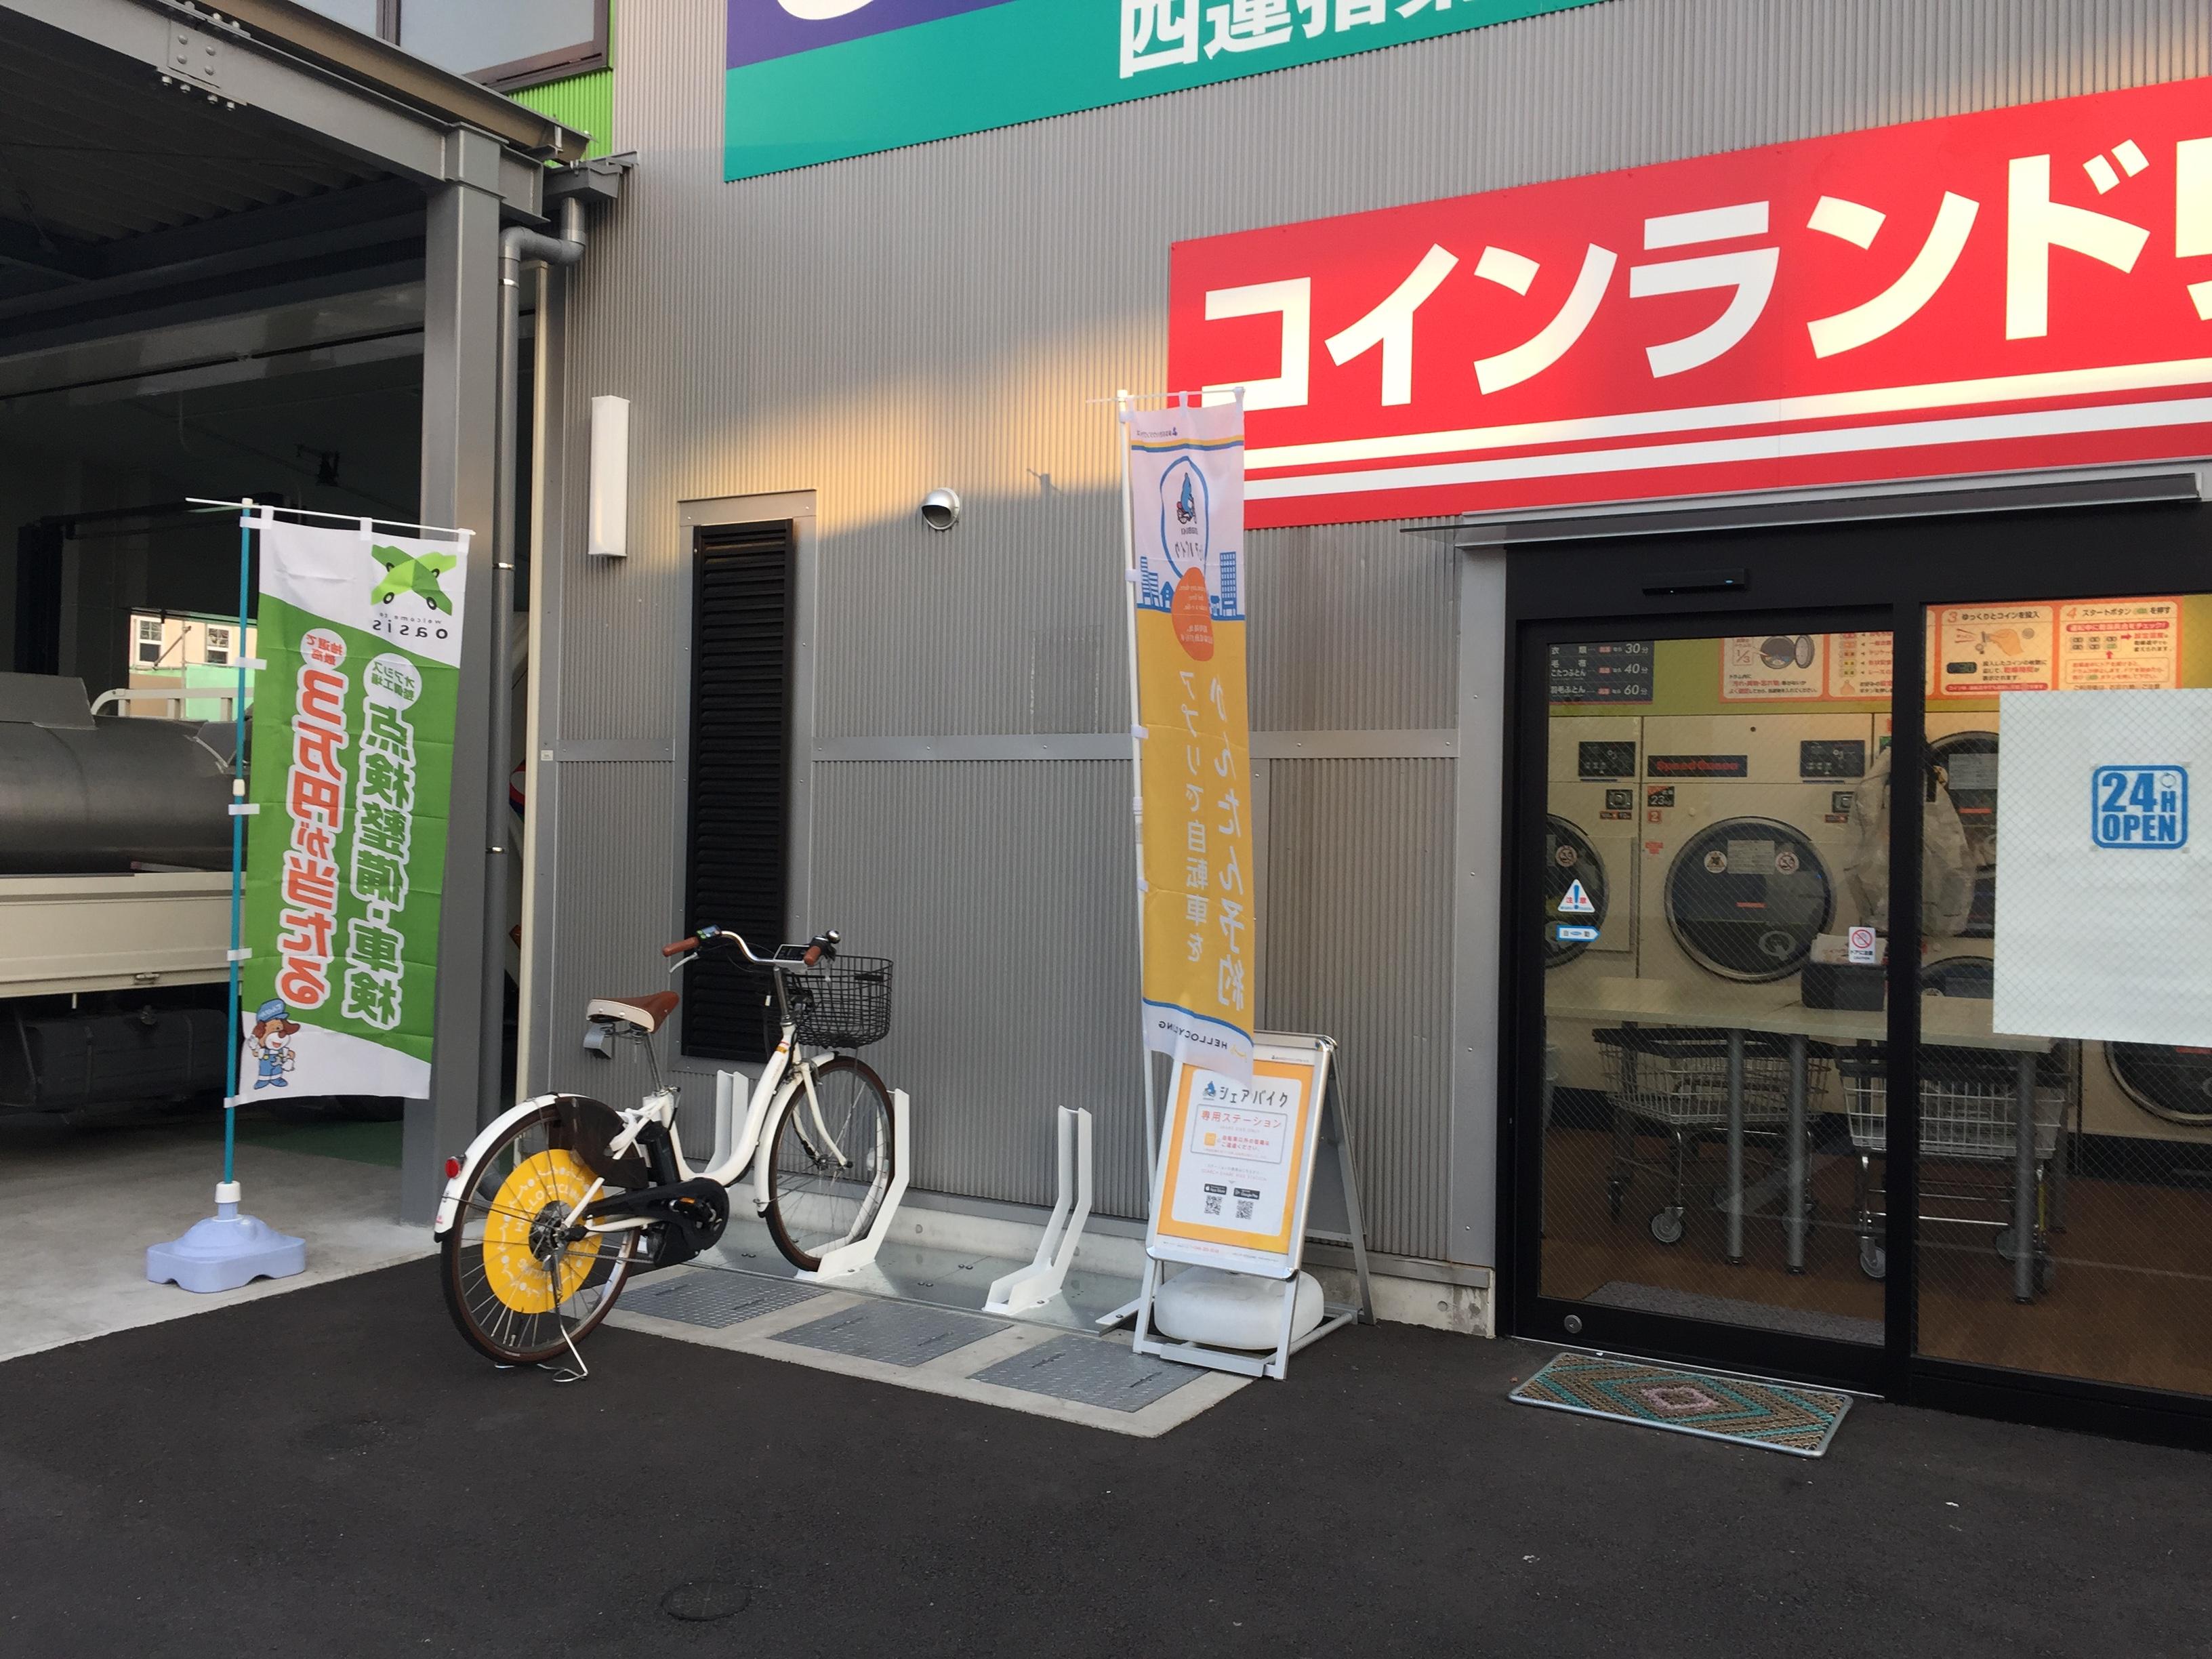 高松ぽかぽか温泉前コインランドリー (HELLO CYCLING ポート) image